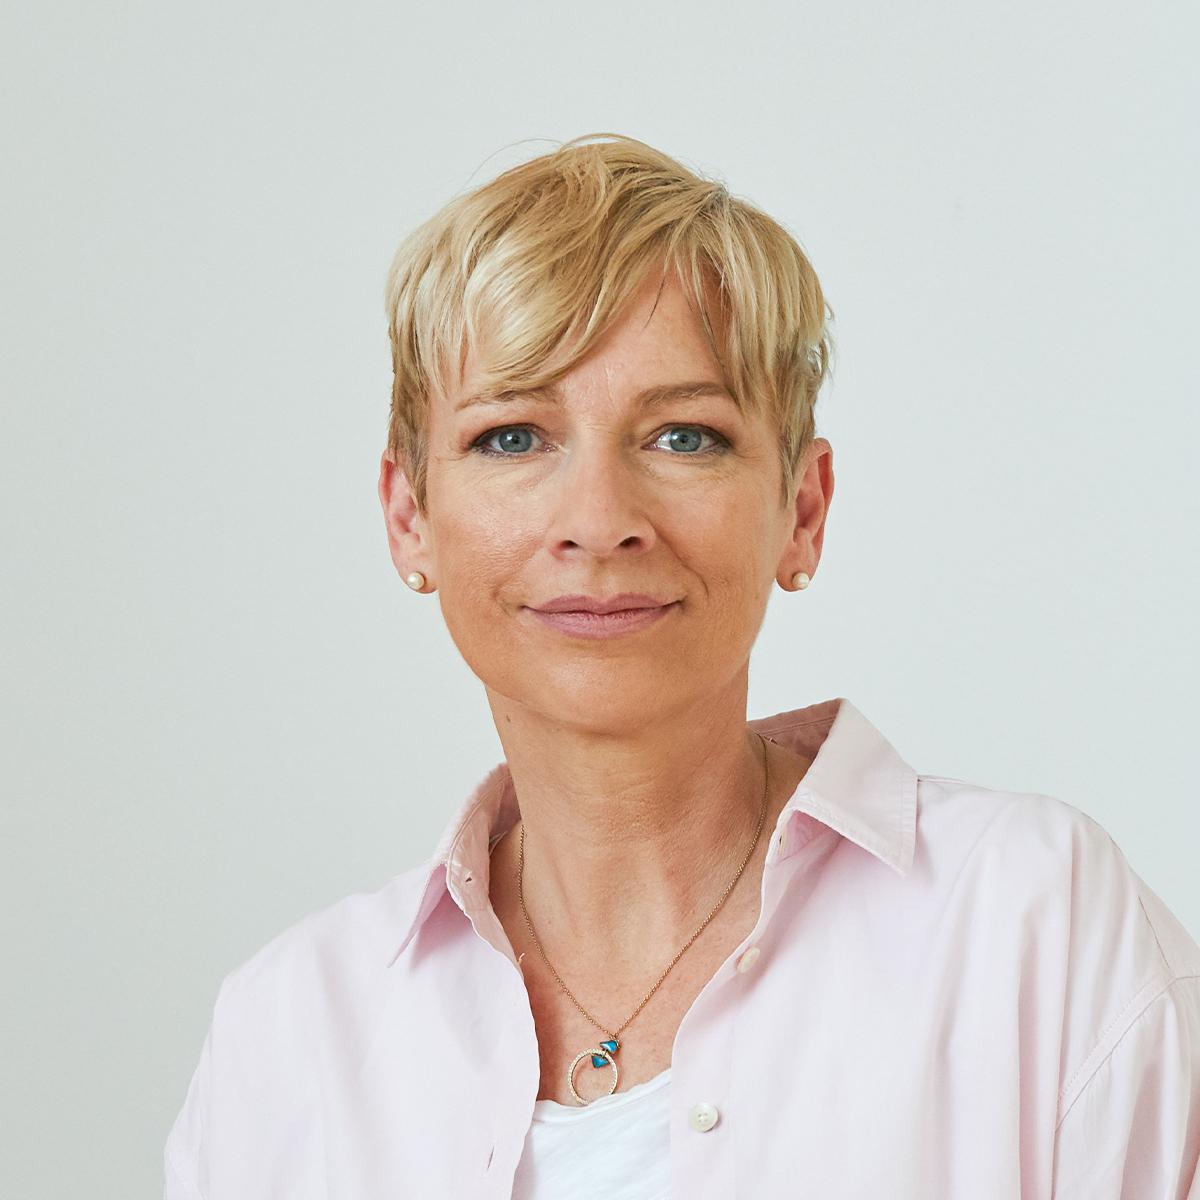 Dr. Andrea Gleich